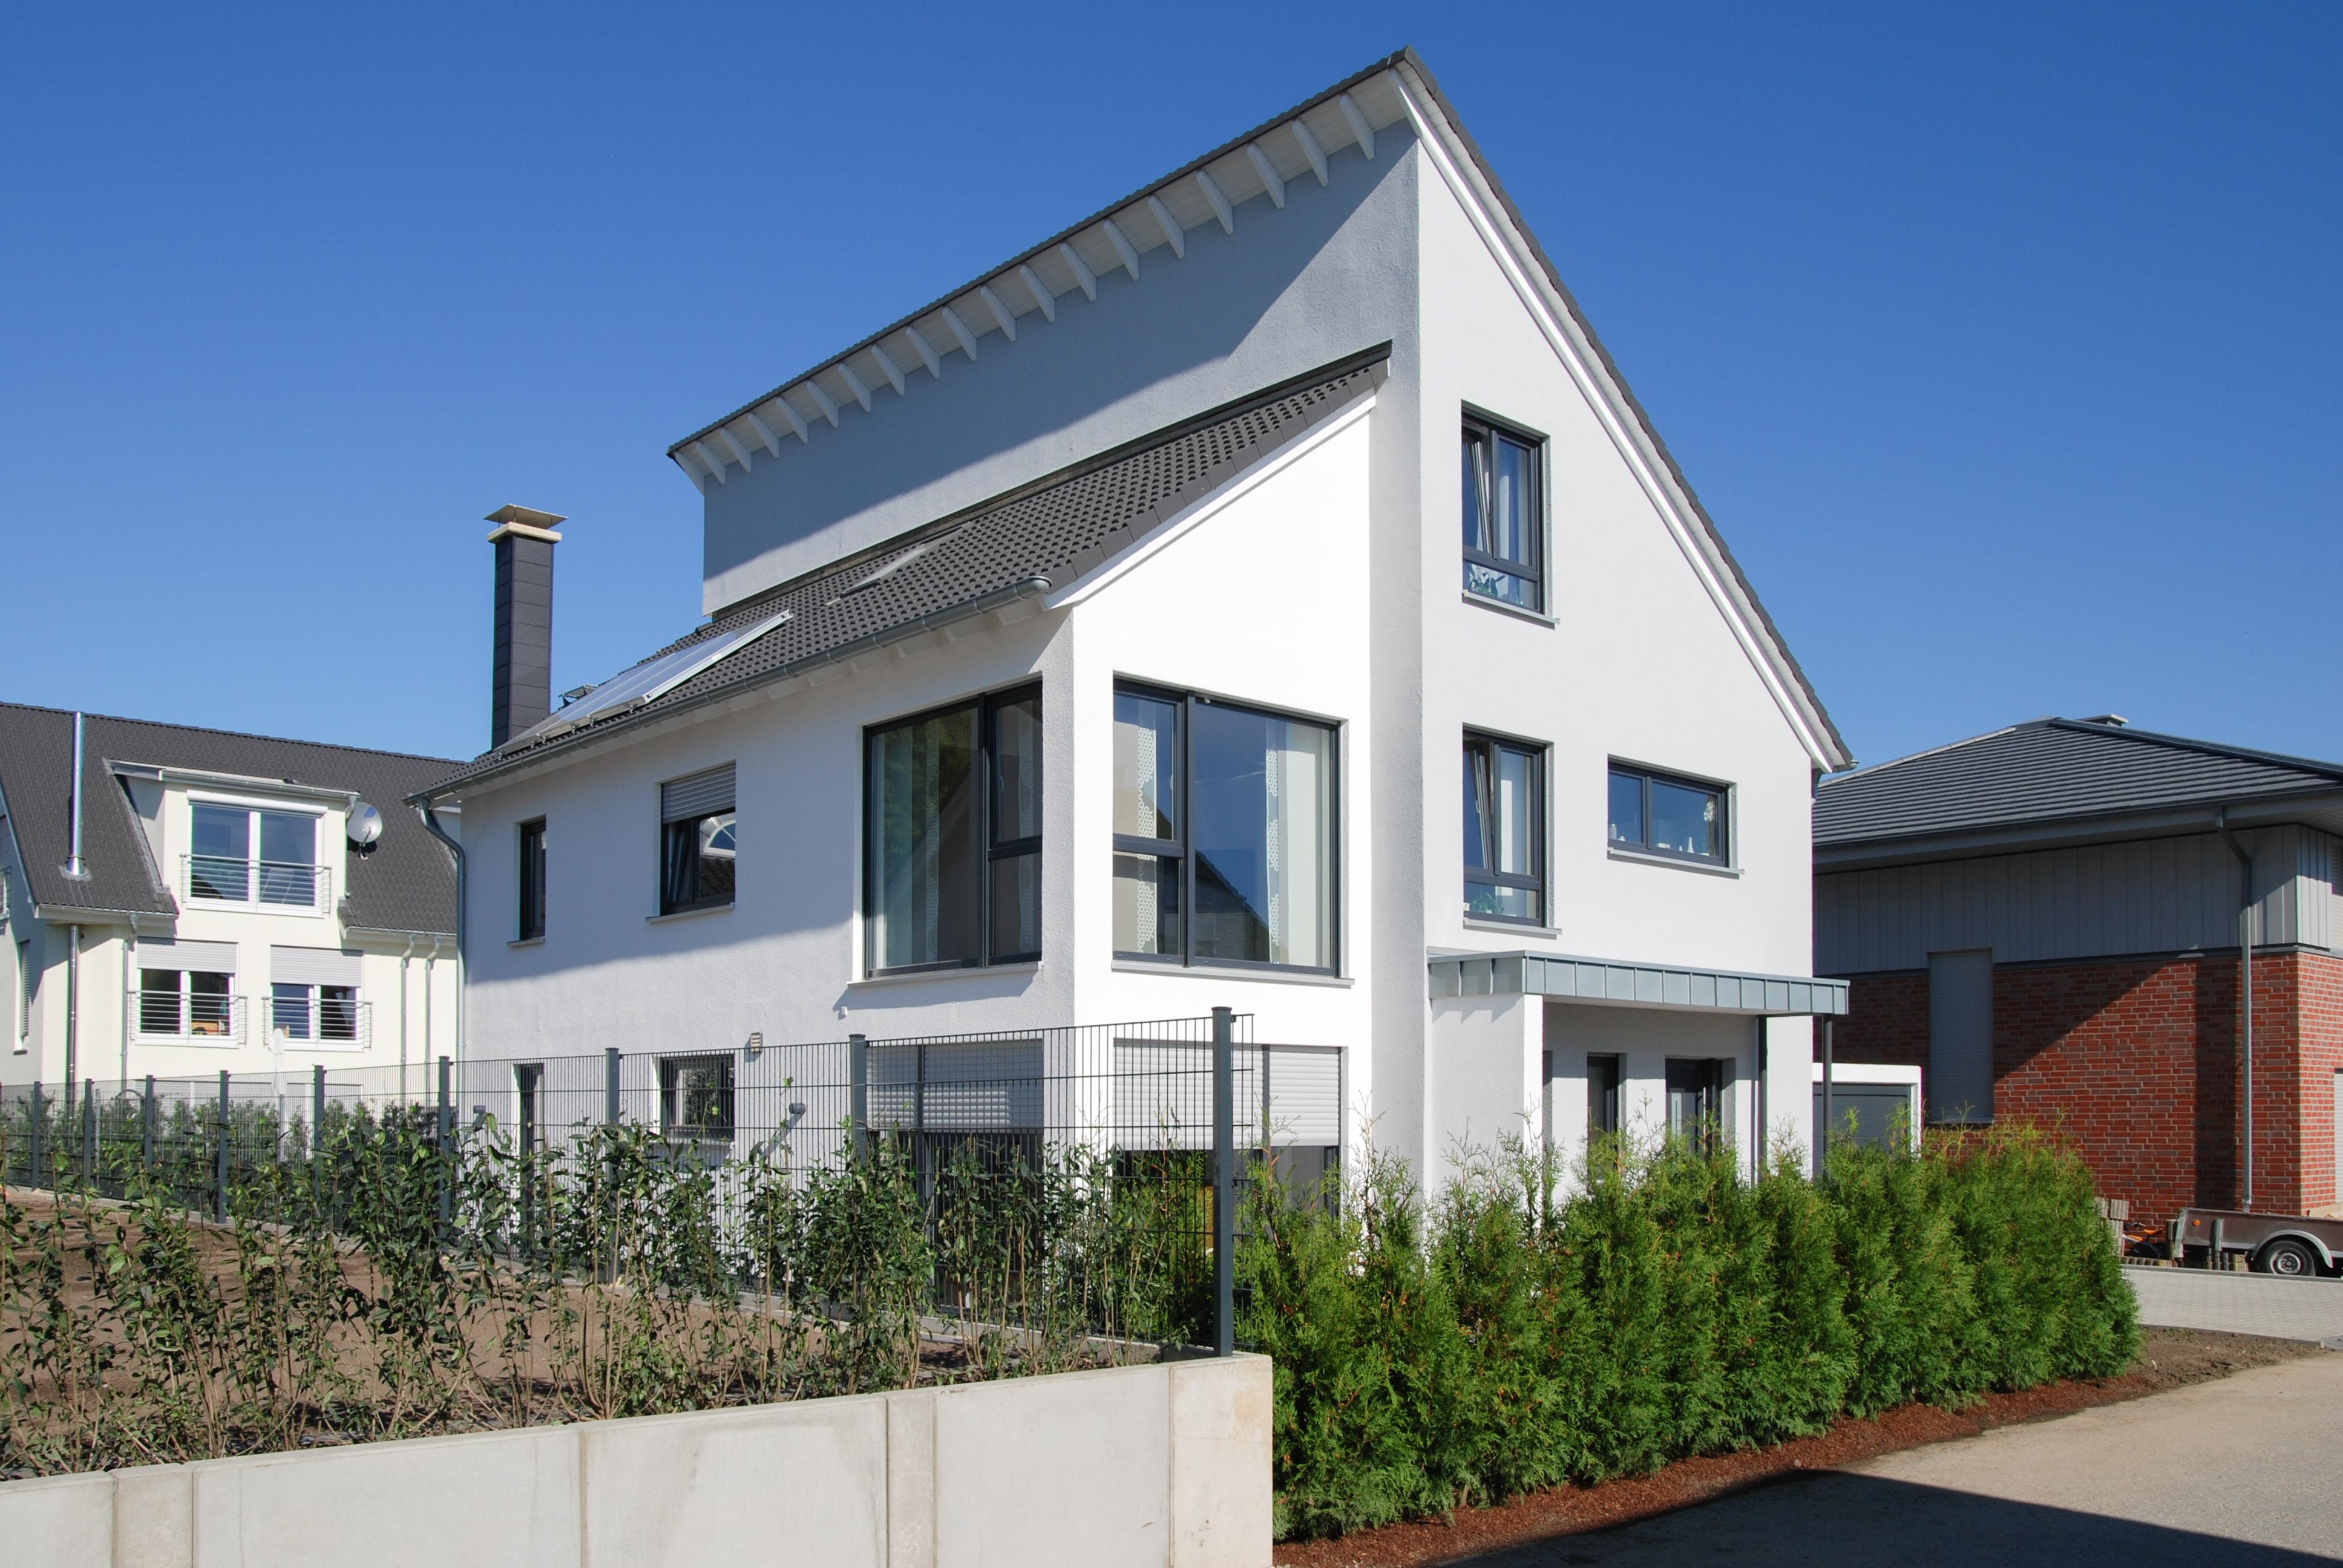 zweifamilienhaus mit besonderer aufteilung schwingeler. Black Bedroom Furniture Sets. Home Design Ideas